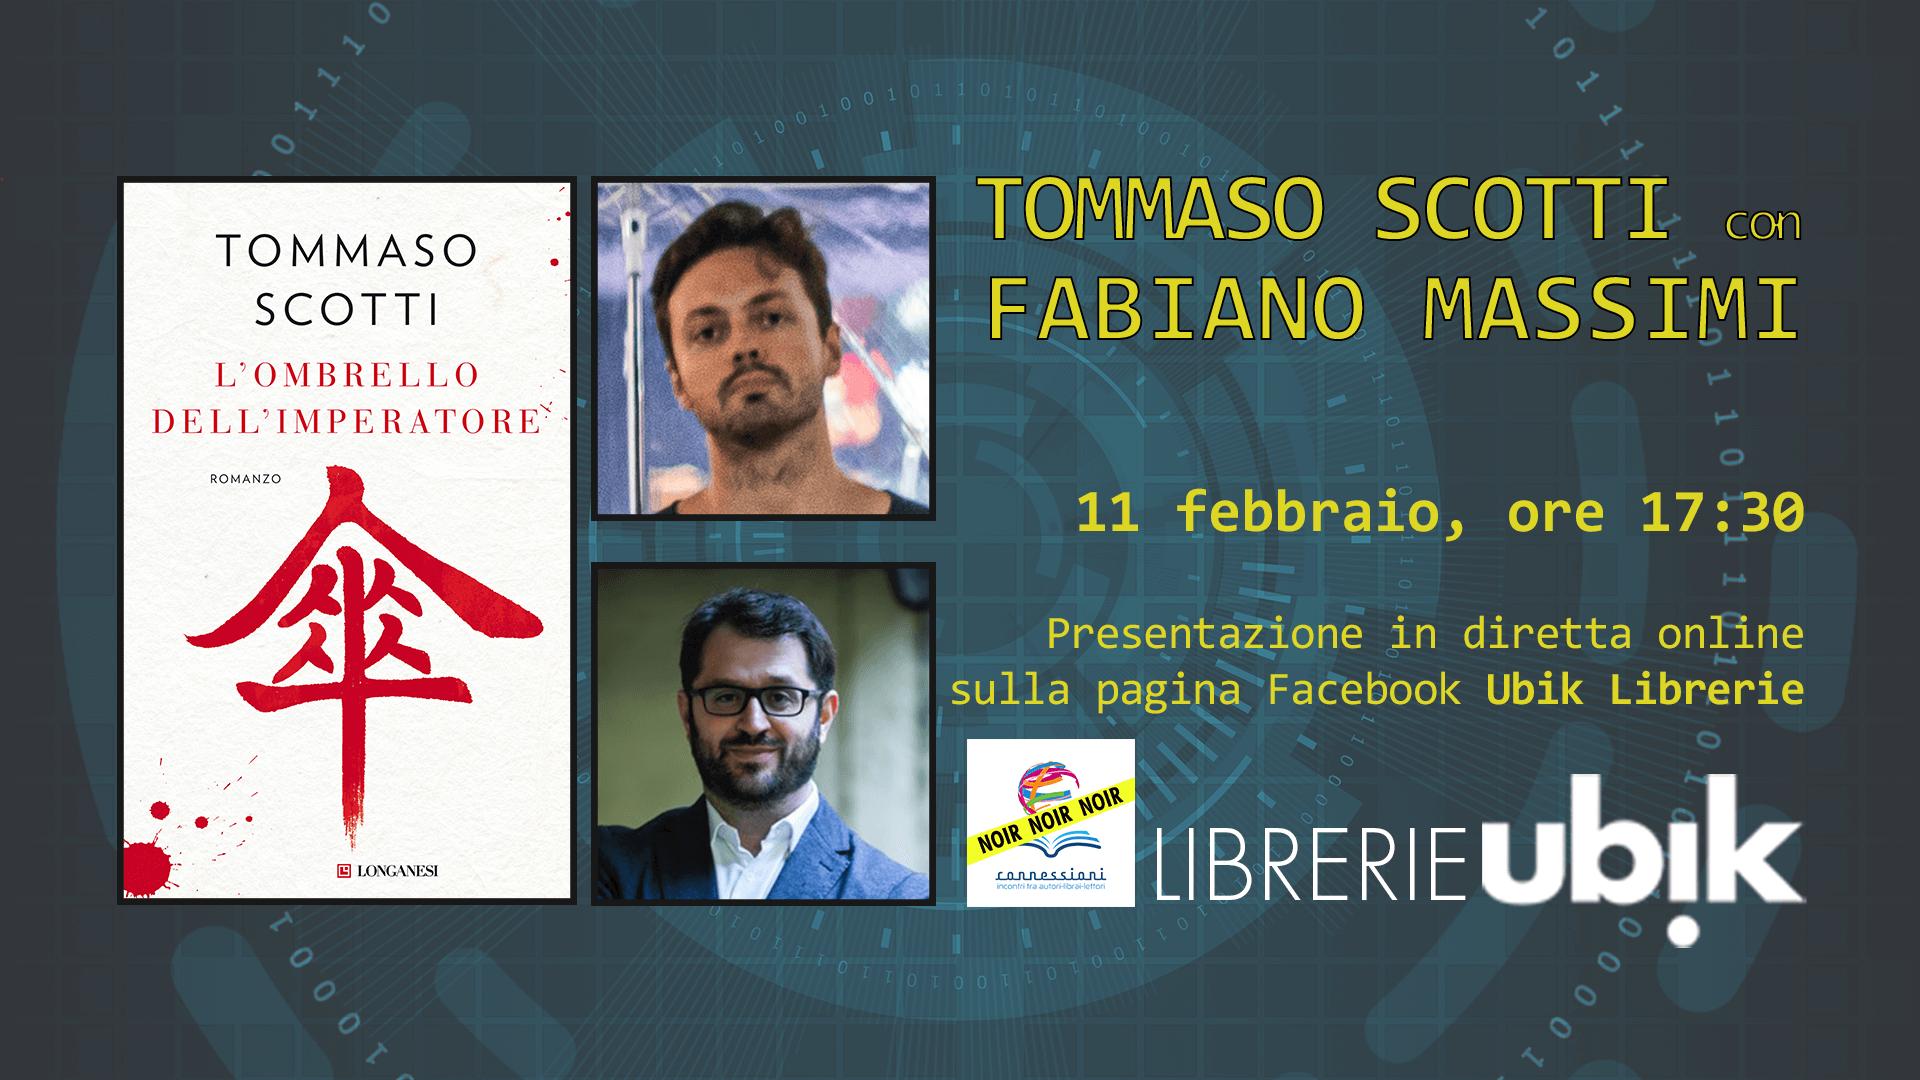 TOMMASO SCOTTI con FABIANO MASSIMI presenta